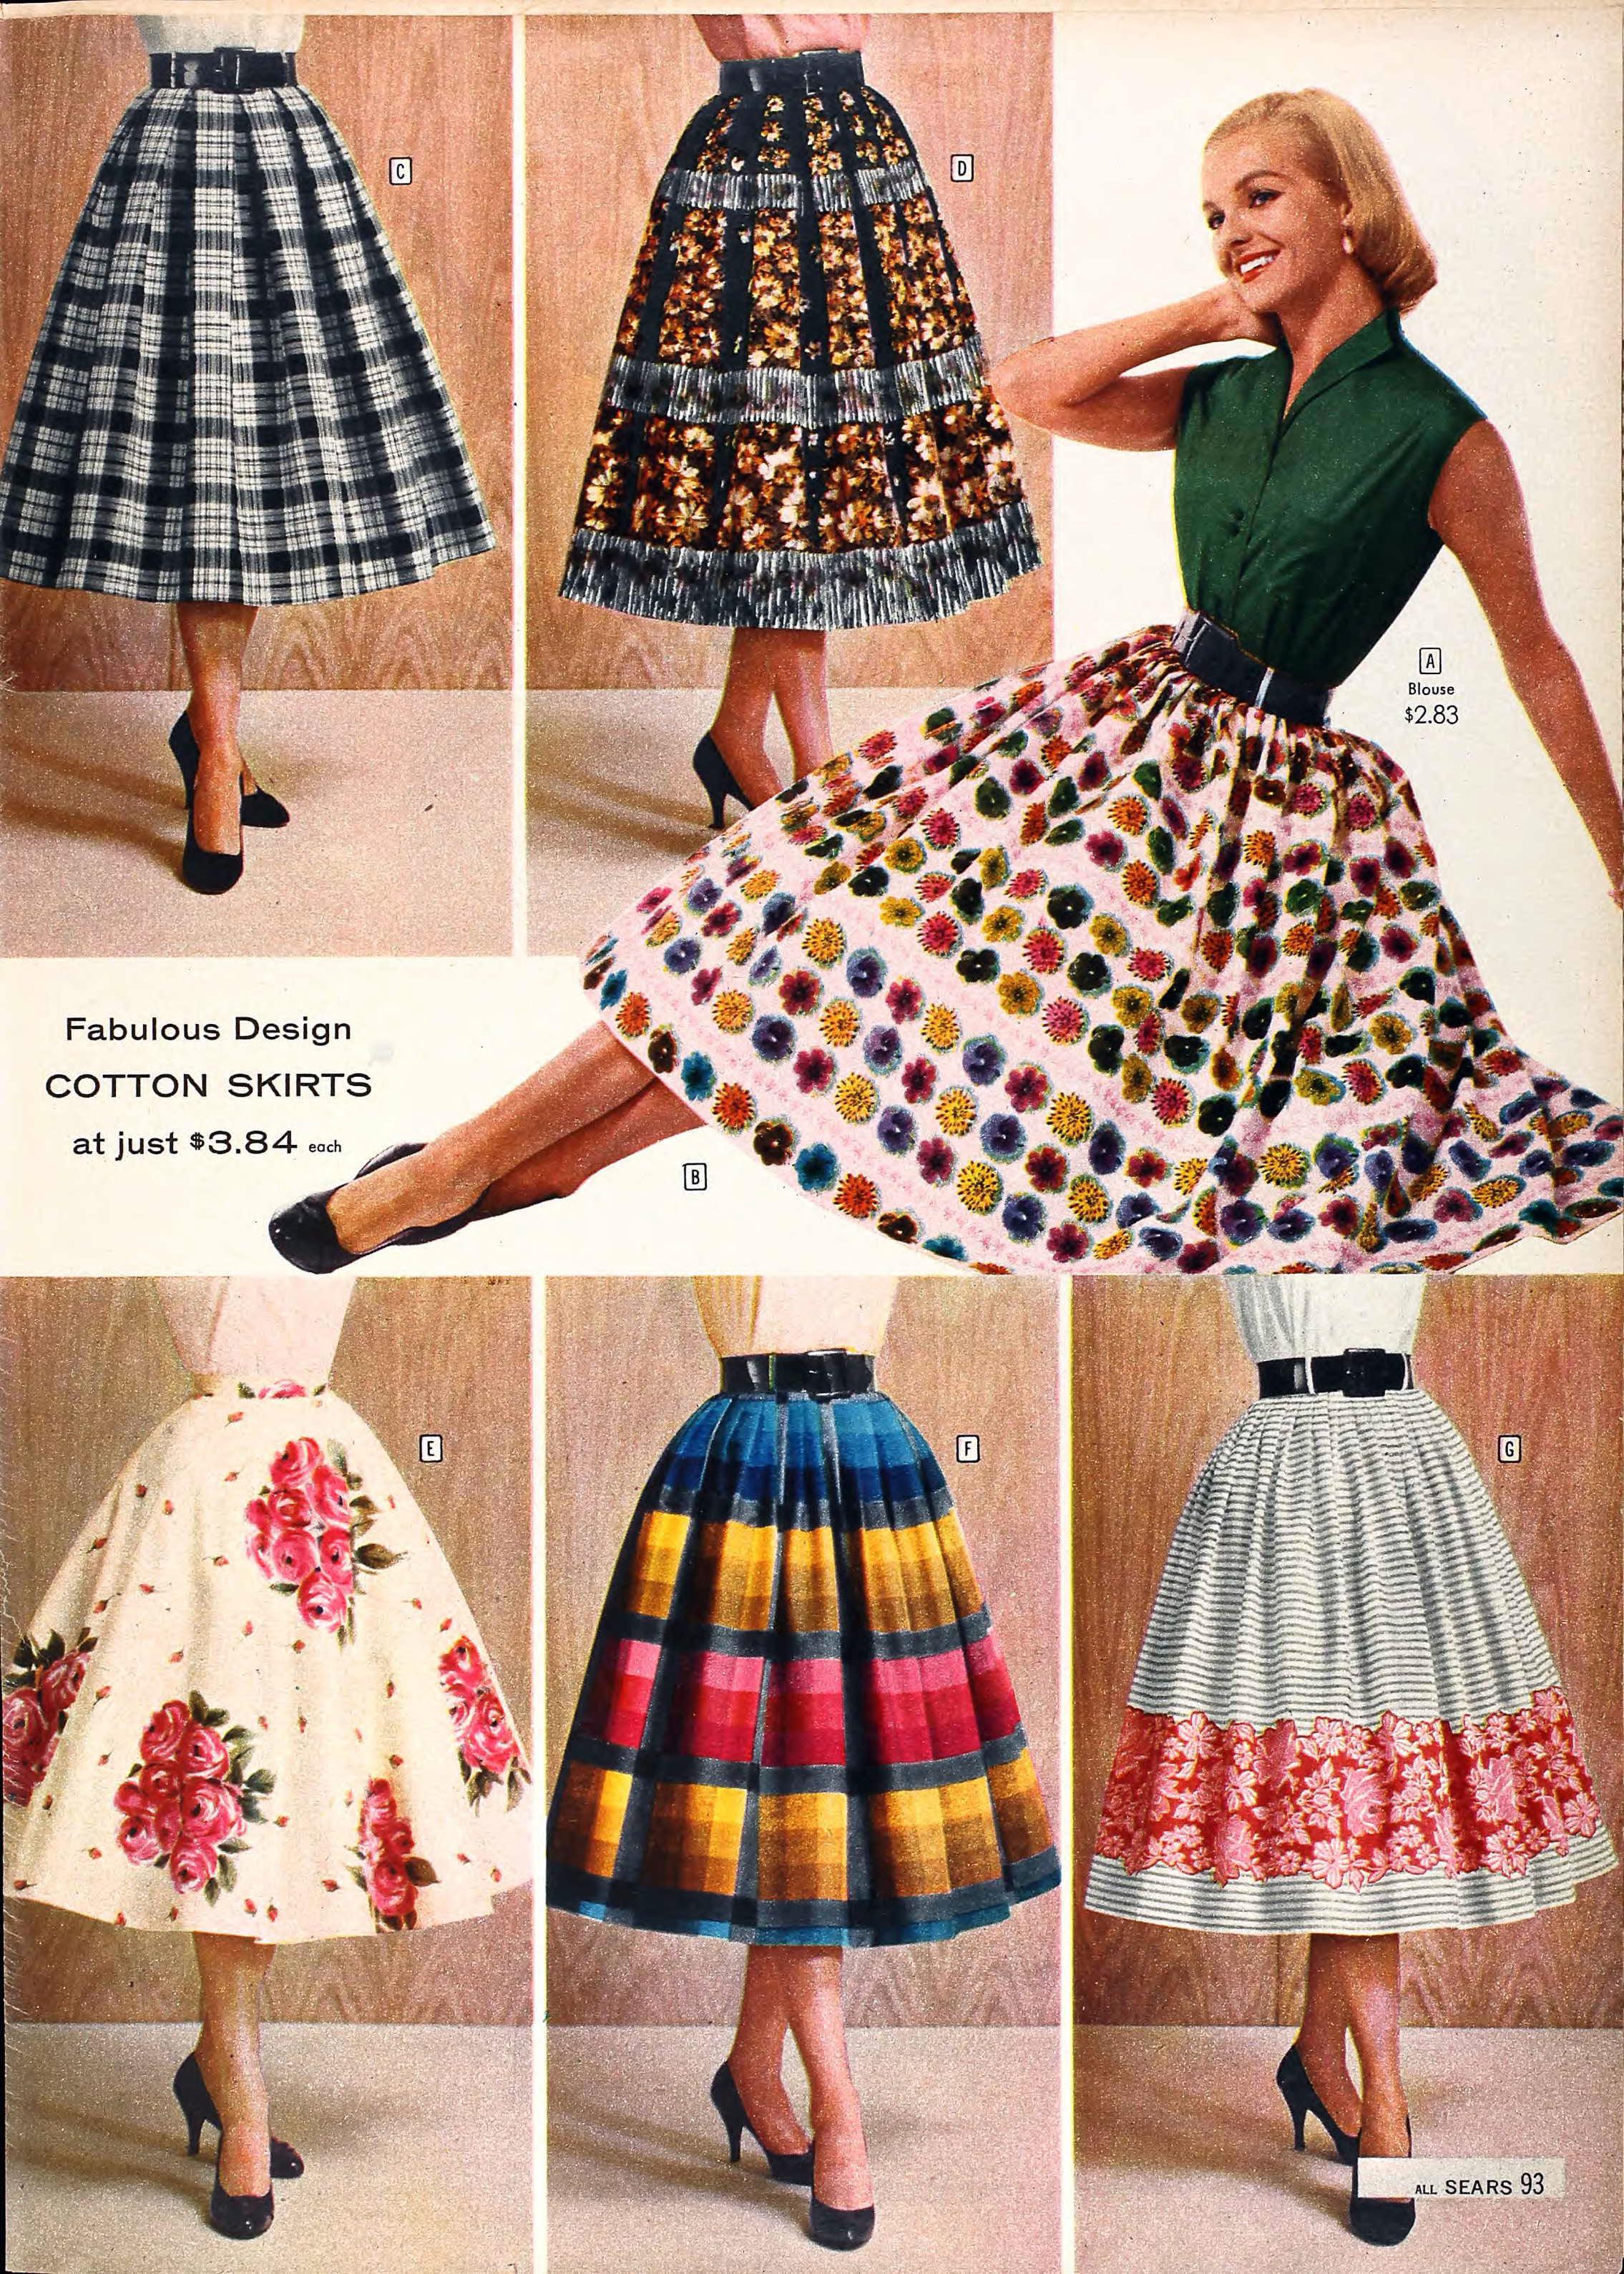 Sears Catalog Highlights Spring Summer 1958